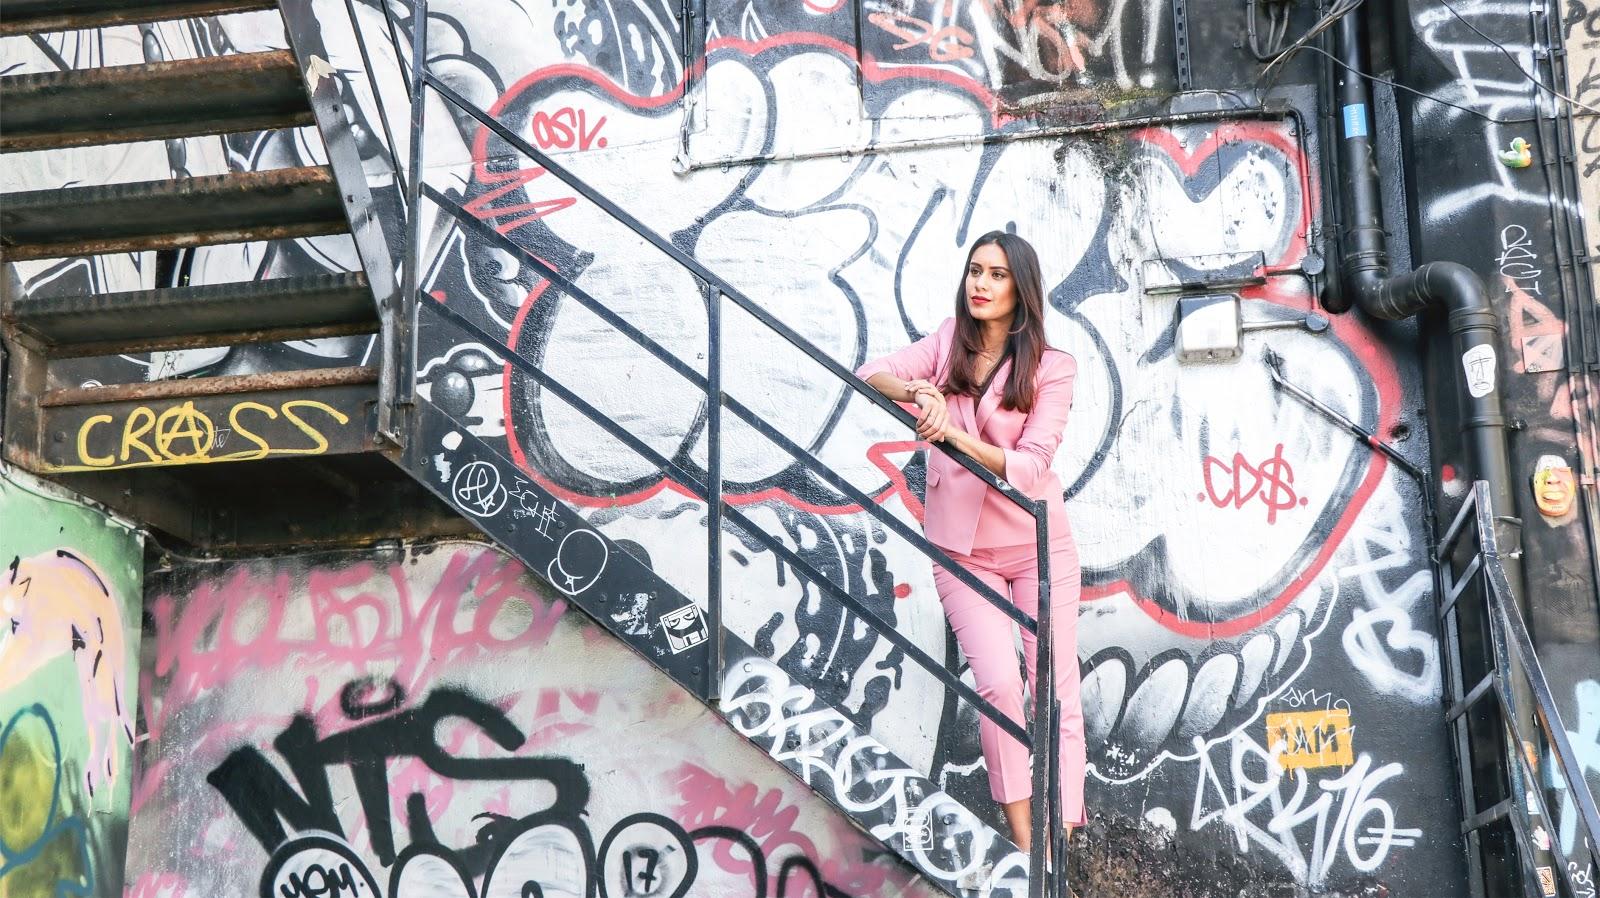 London fashion blogger Reena Rai shot in Shoreditch